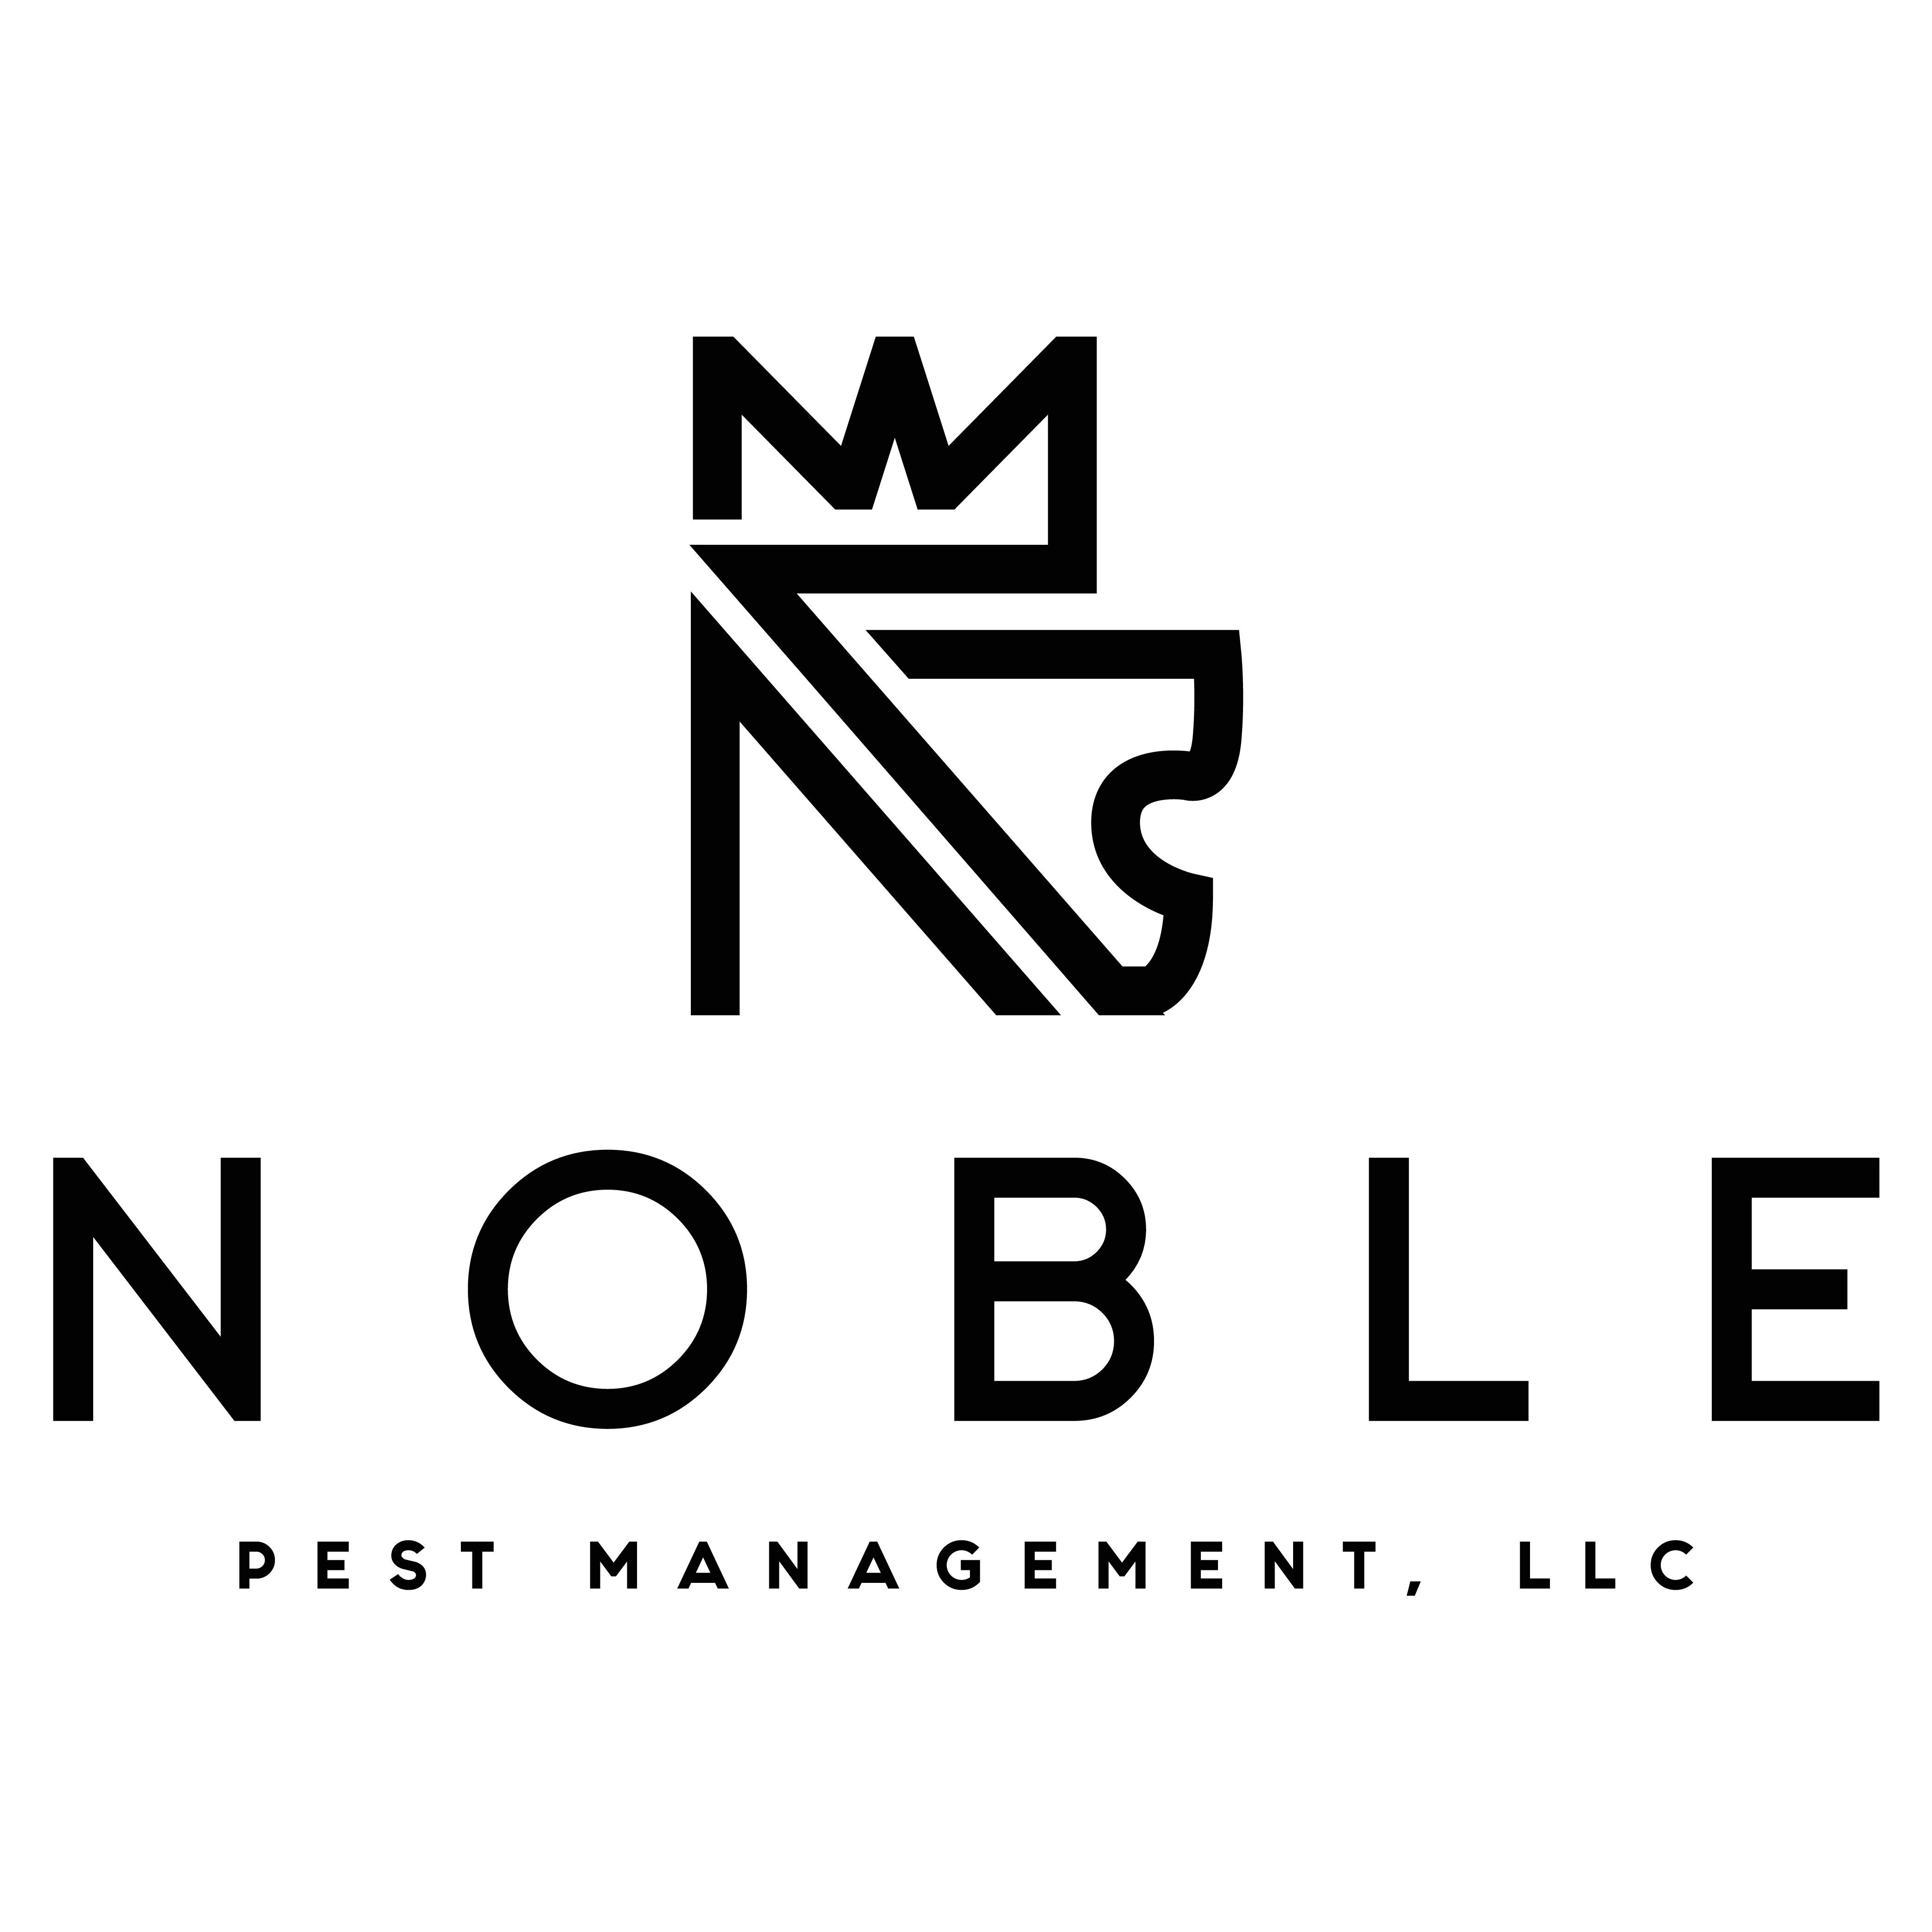 Create a Unique Logo for Noble Pest Management, LLC